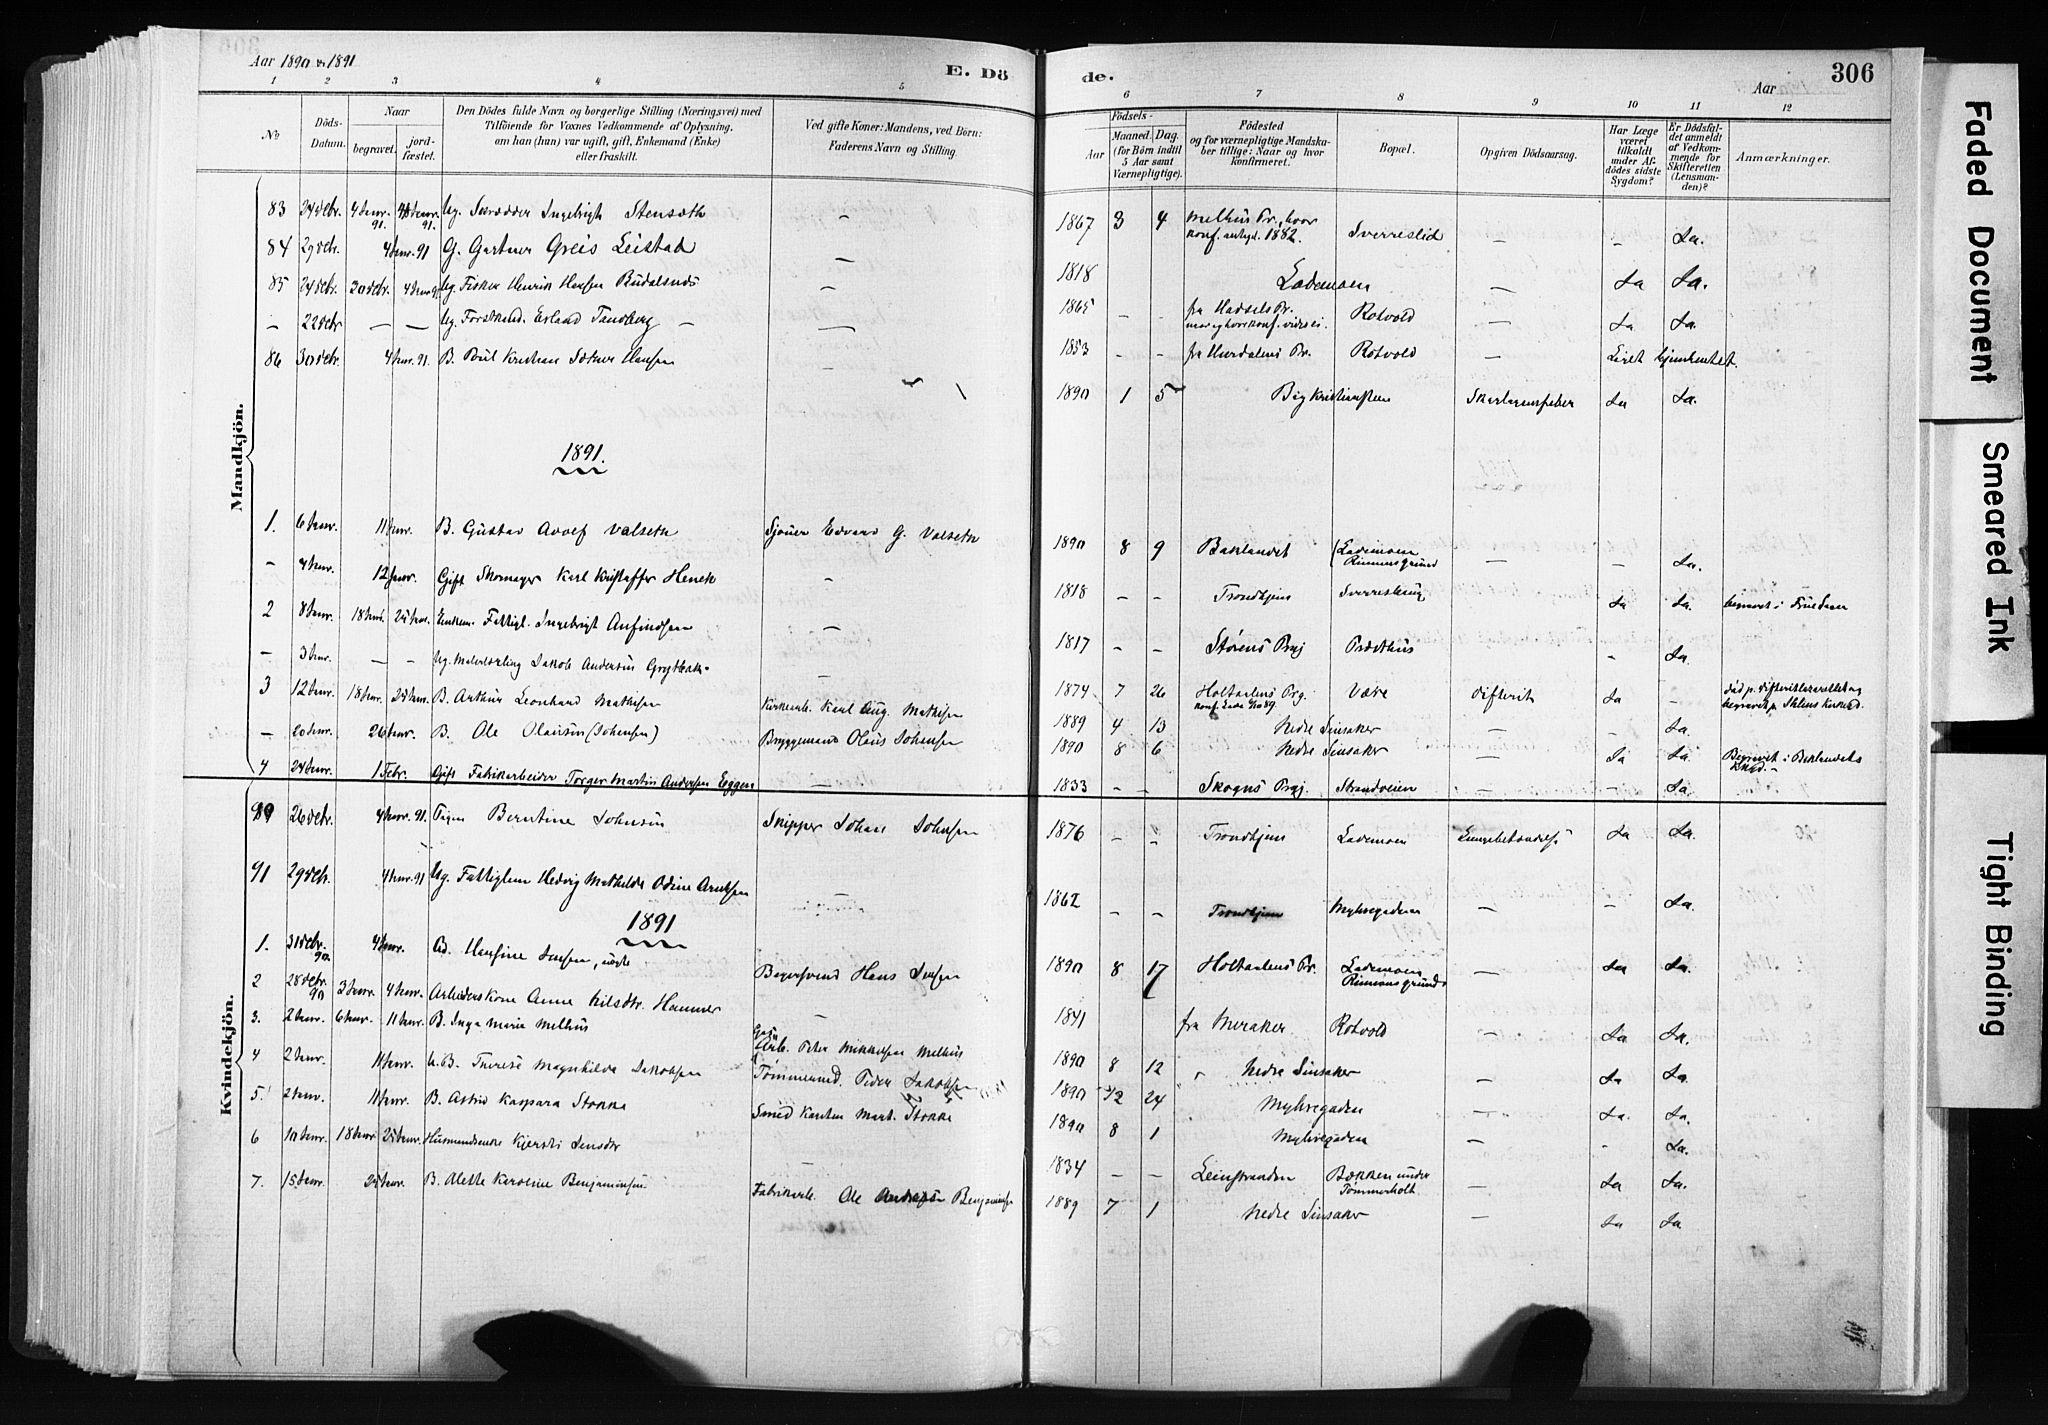 SAT, Ministerialprotokoller, klokkerbøker og fødselsregistre - Sør-Trøndelag, 606/L0300: Ministerialbok nr. 606A15, 1886-1893, s. 306